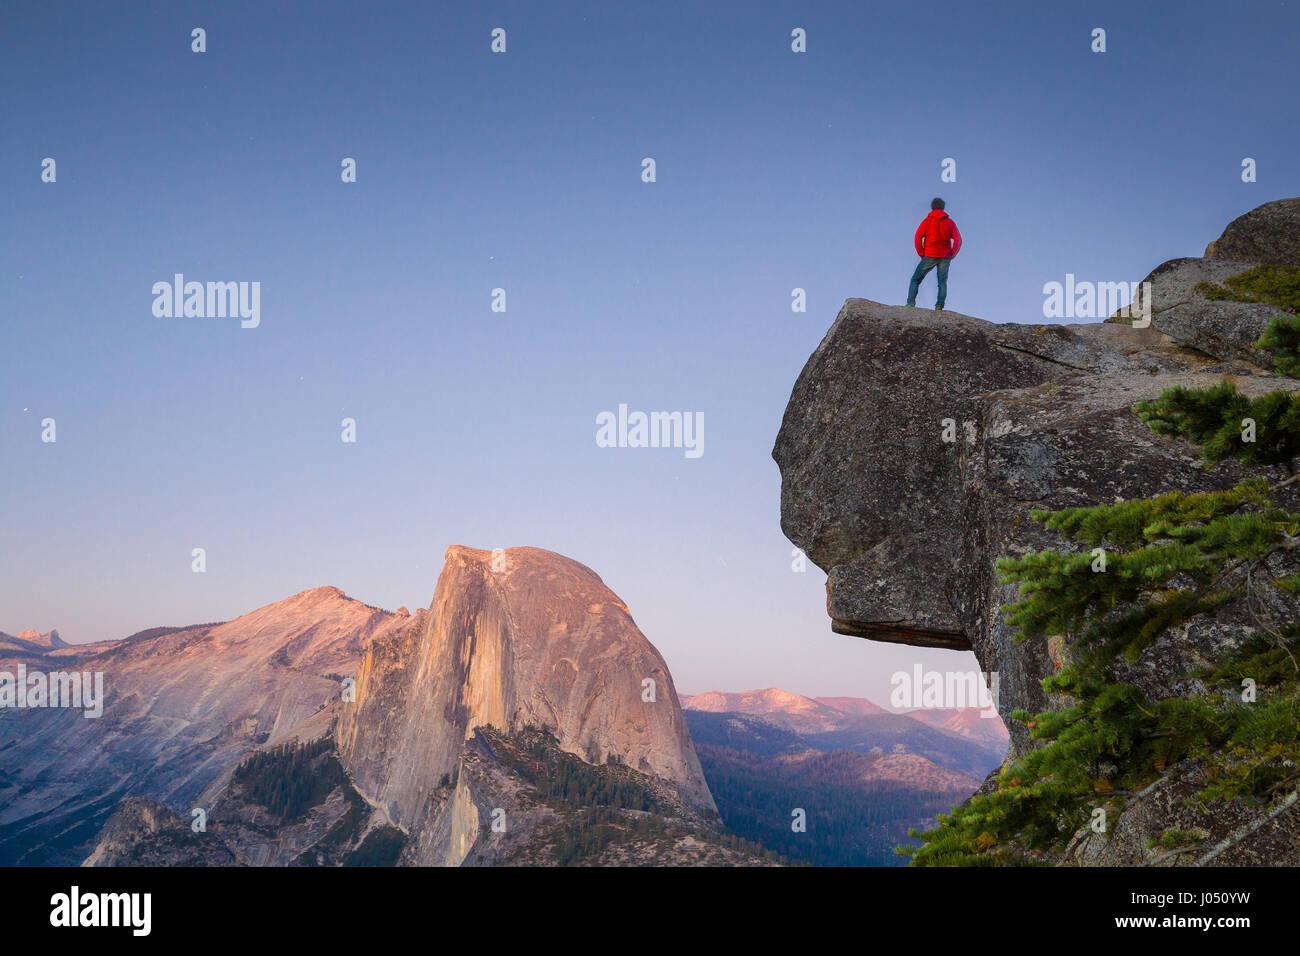 Un intrépido caminante está de pie sobre una roca que sobresale disfrutando de la vista hacia la famosa Imagen De Stock